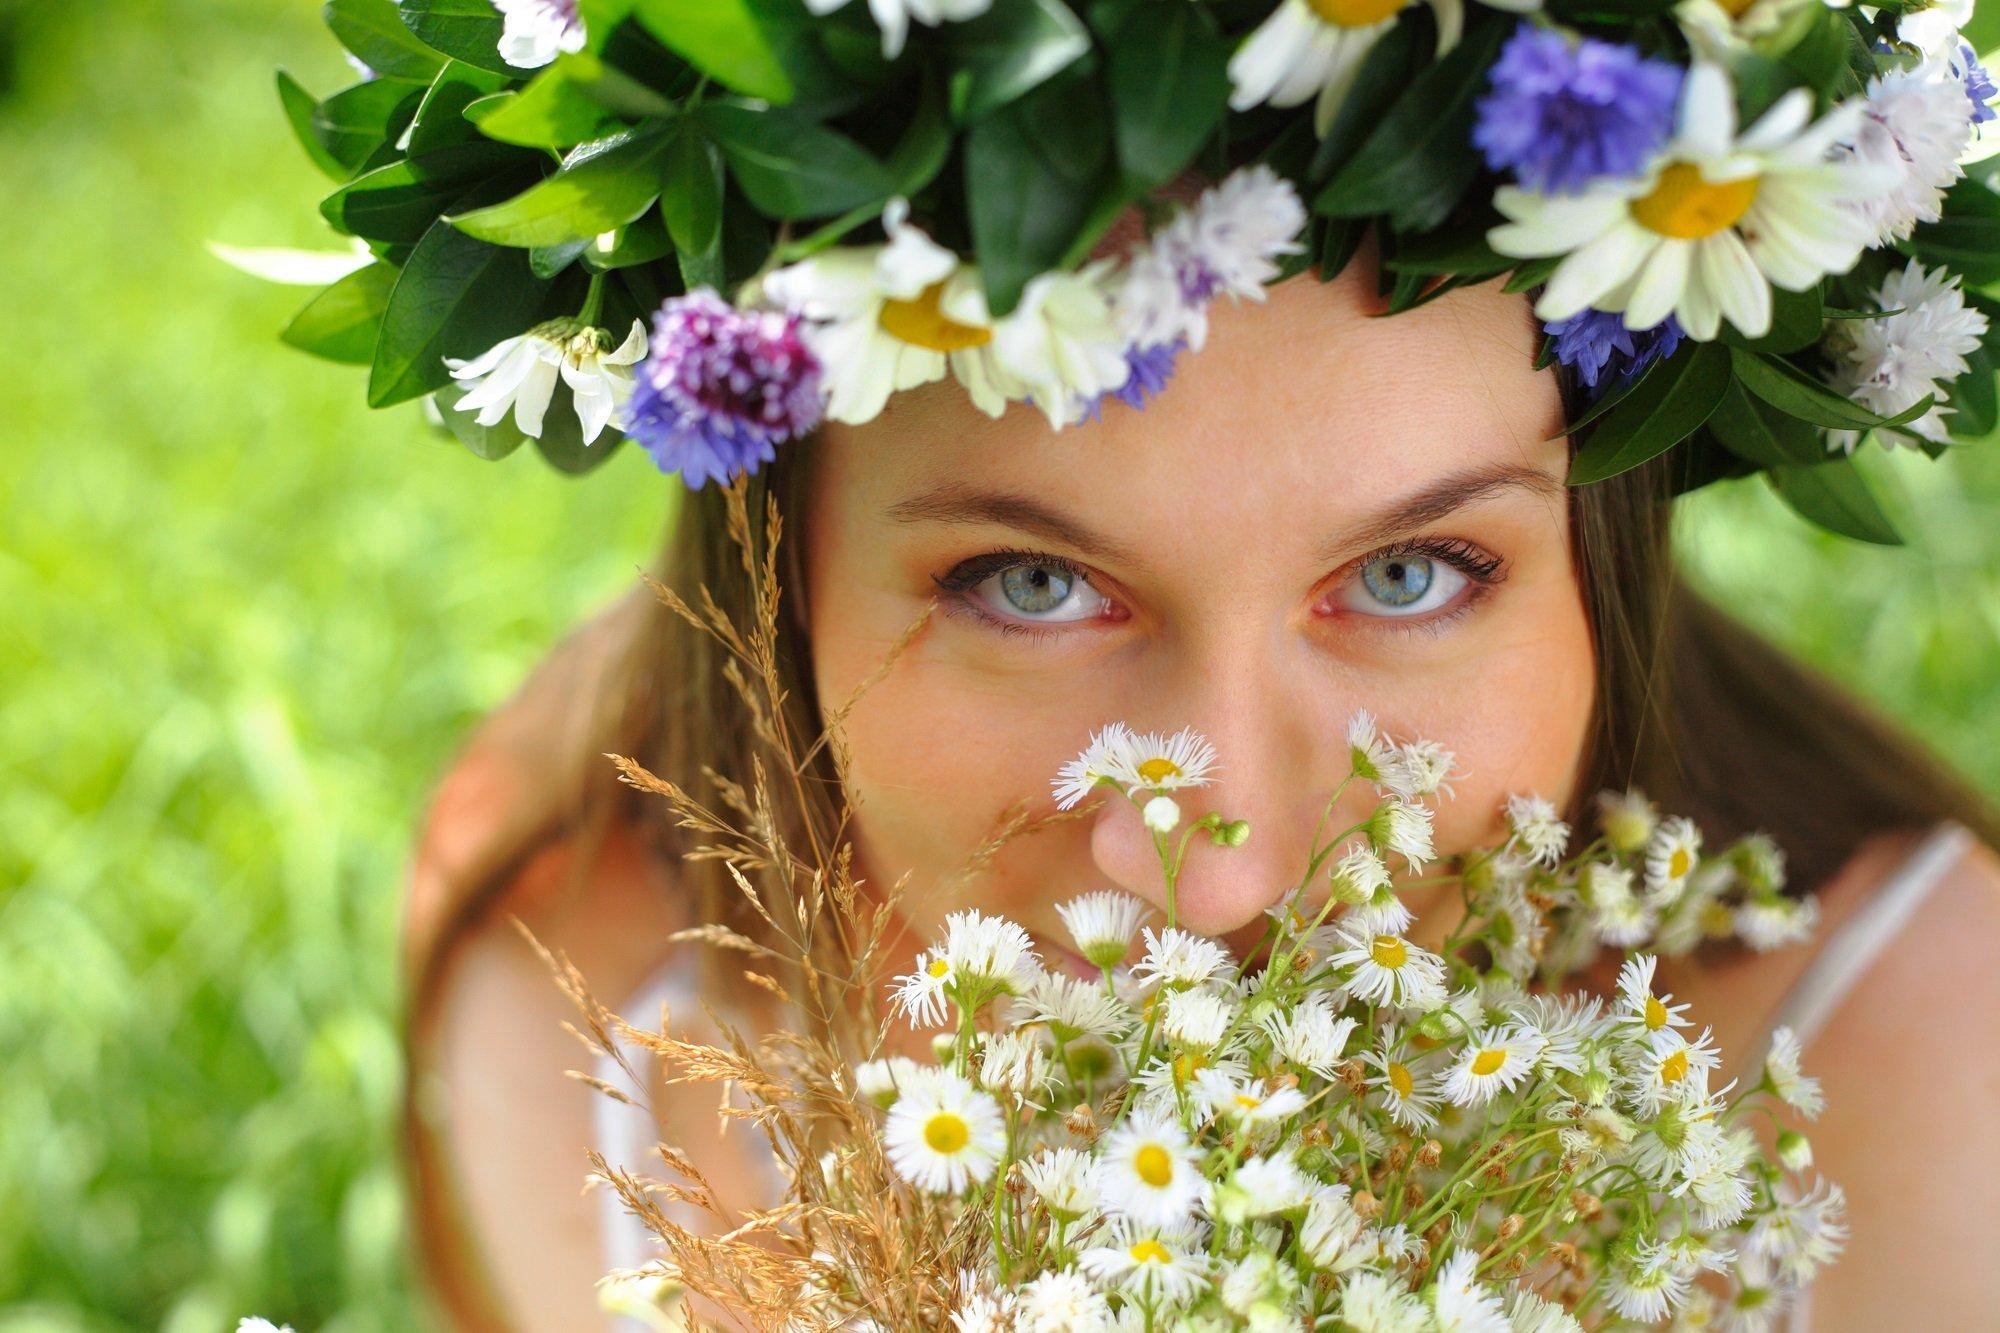 Свято 4 червня: в день святого Василіска спів солов'я передвіщає щасливе життя - today.ua